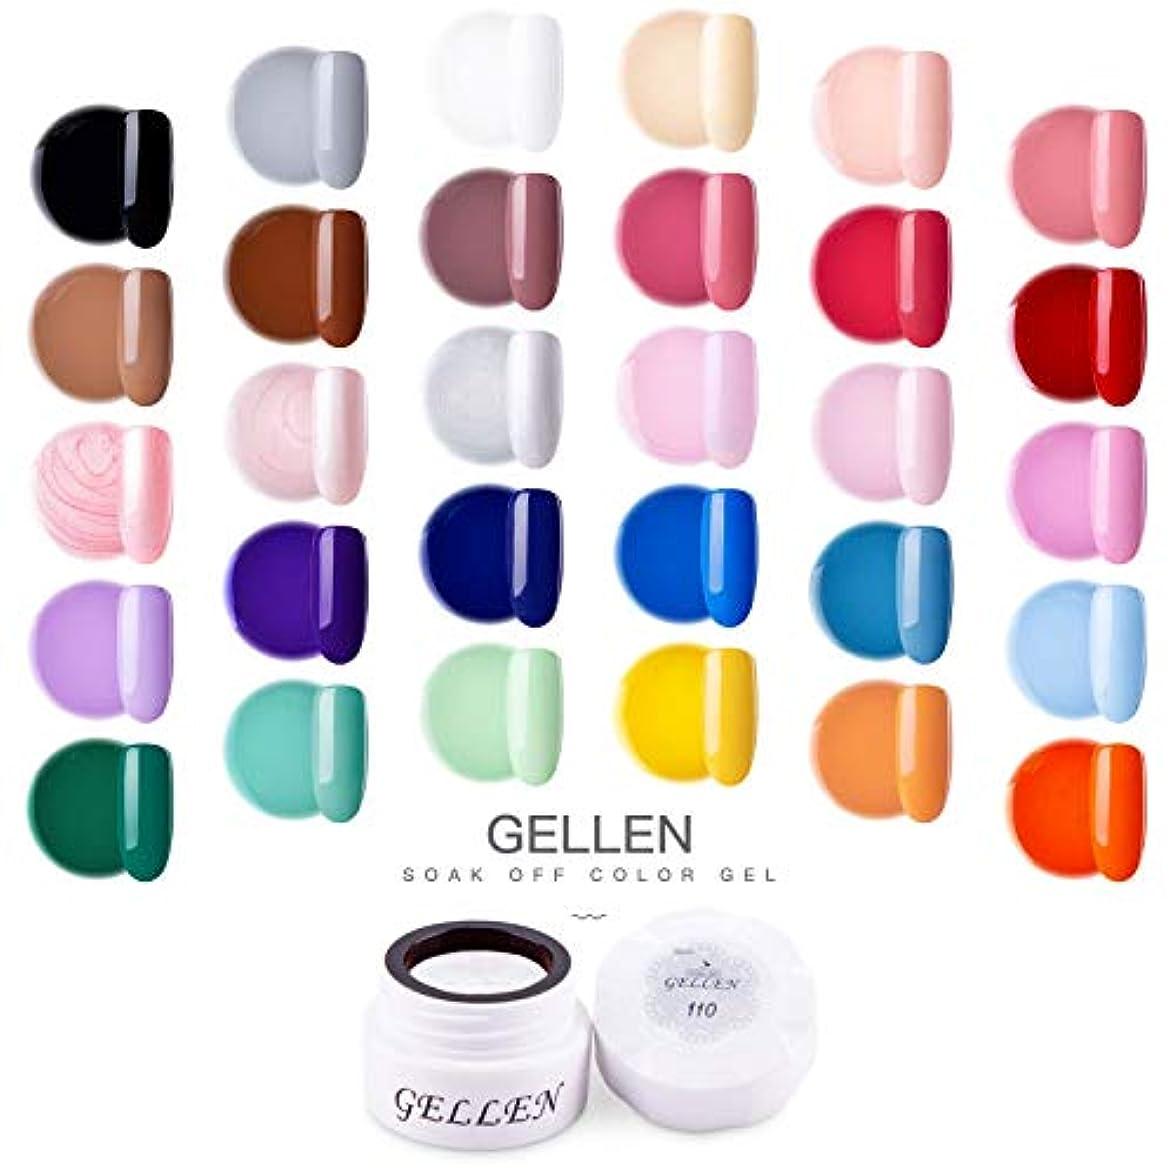 ケーブルカーシダ理論Gellen カラージェル 30色定番カラー セット 高品質 5g ジェルネイル カラー ネイルブラシ付き